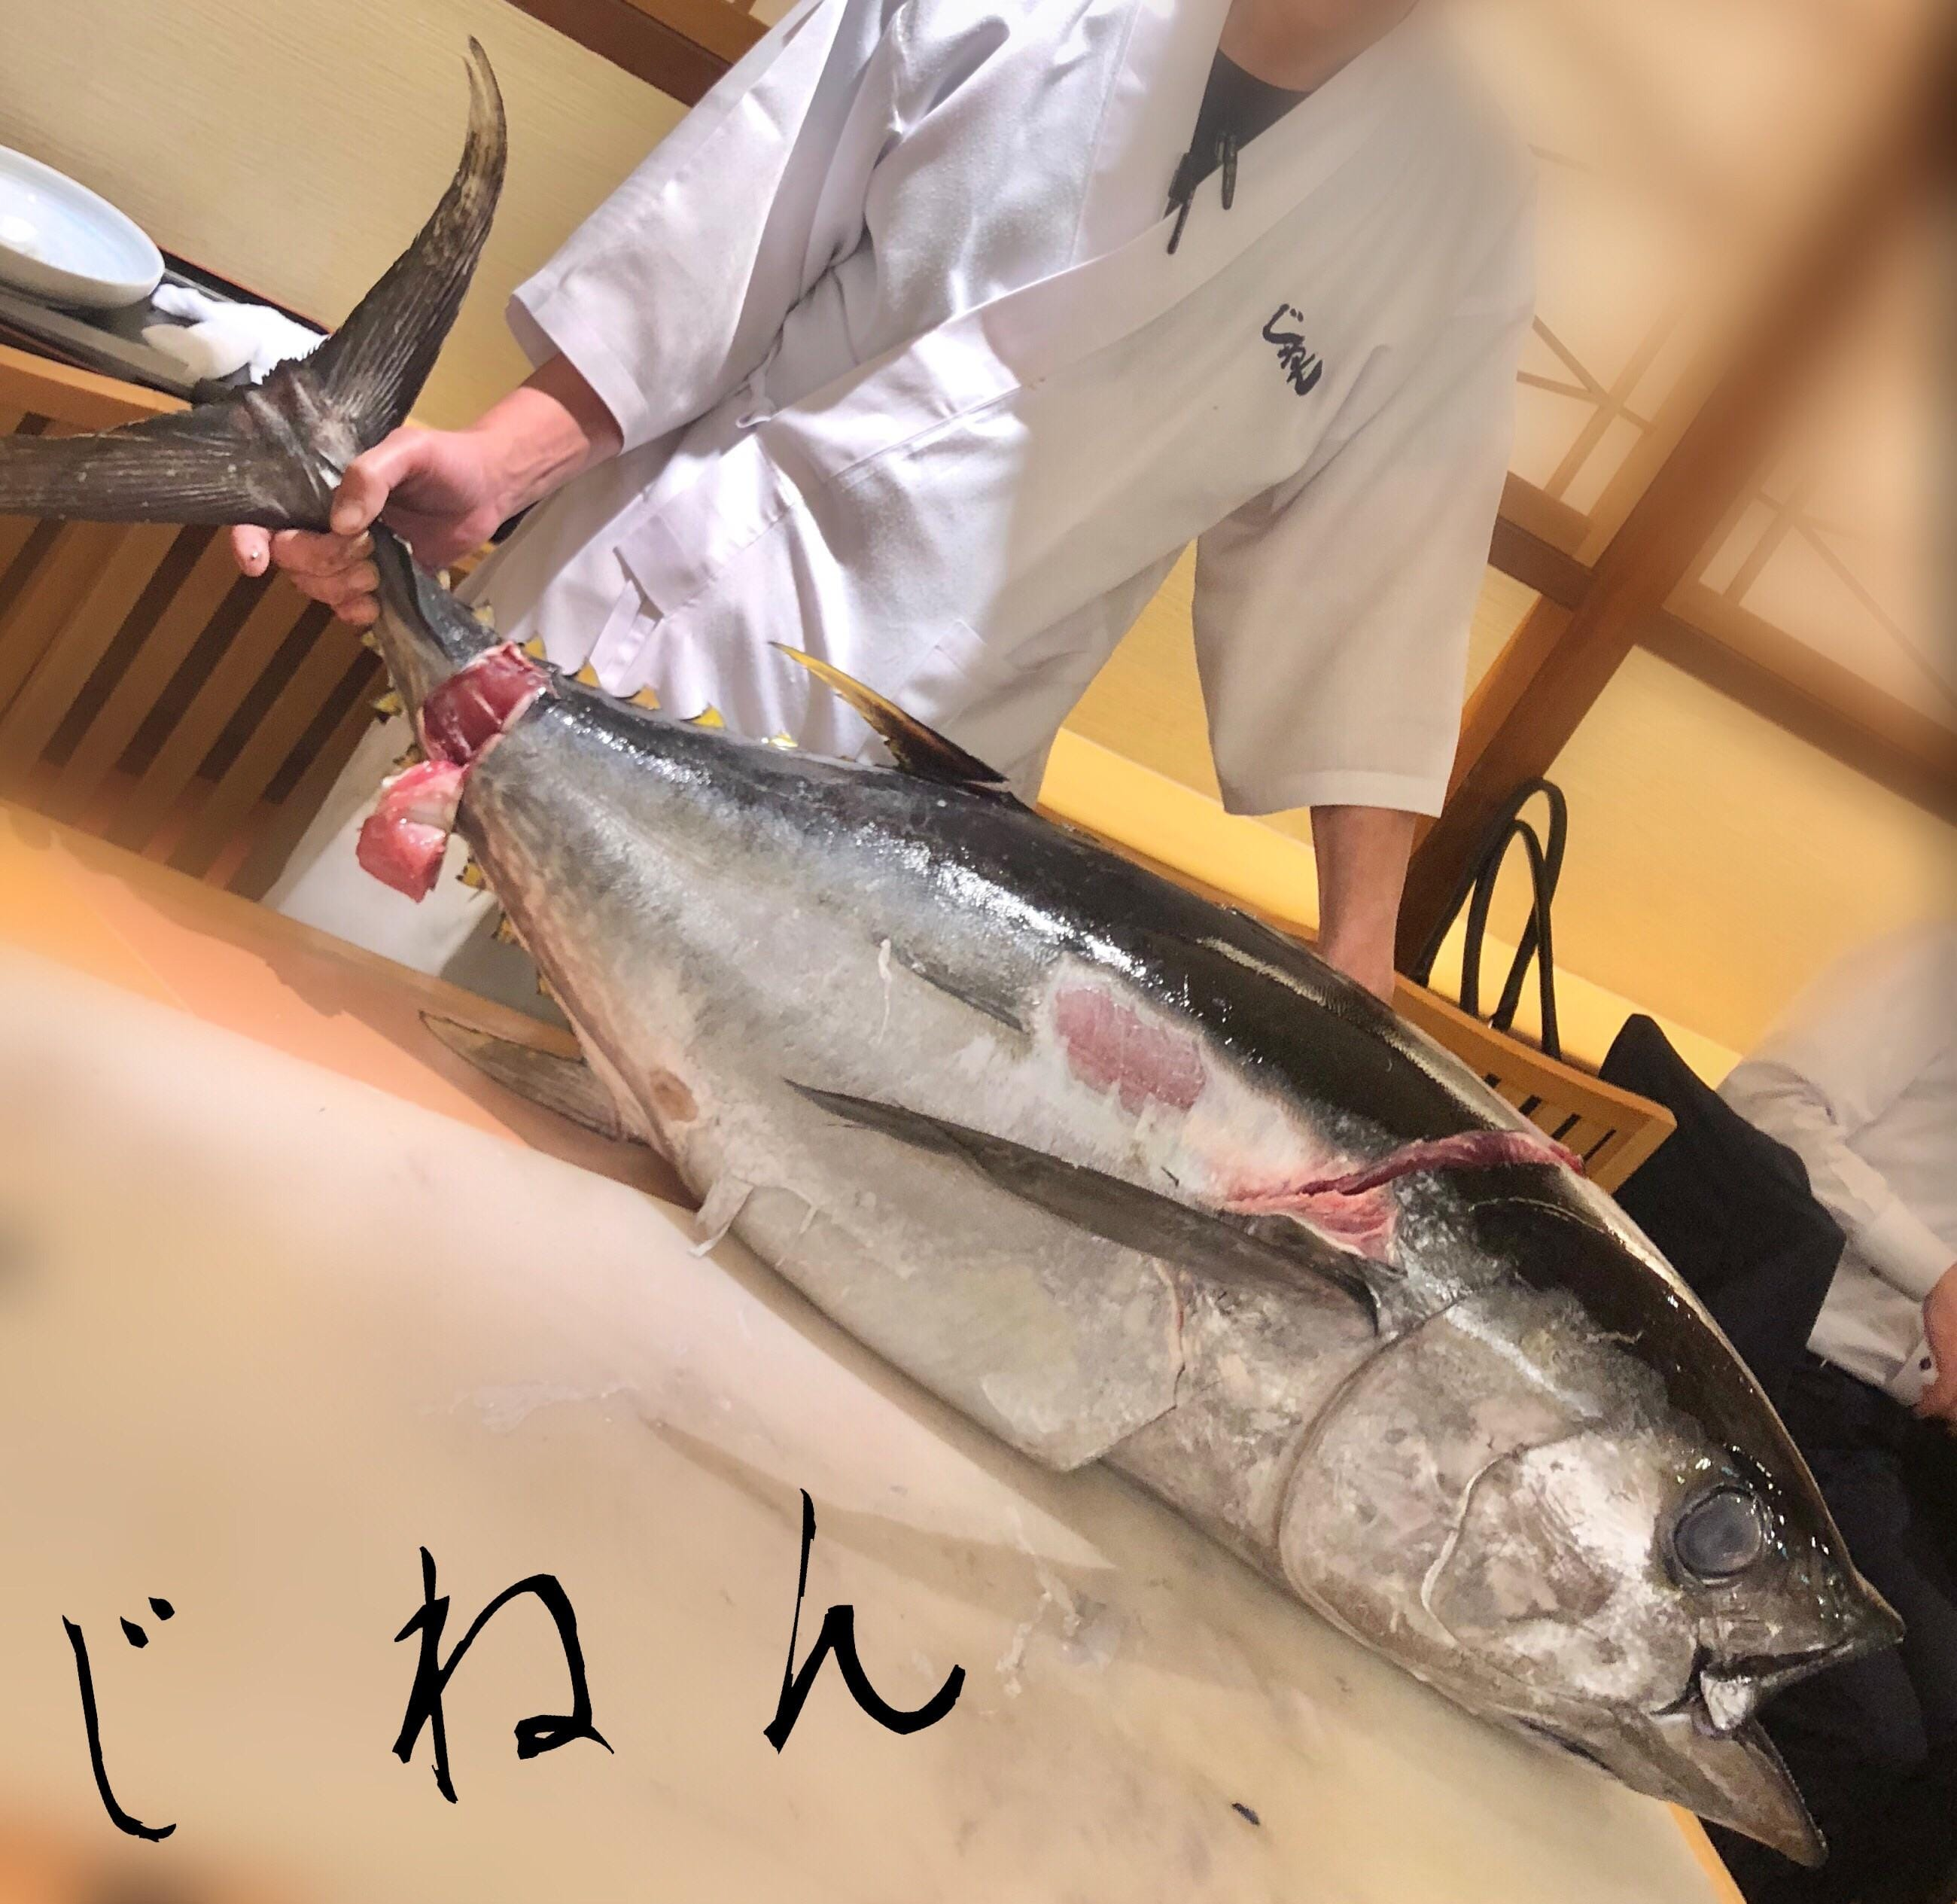 乃木坂さとみ「マグロ解体ショー凄かった」05/23(水) 11:55   乃木坂さとみの写メ・風俗動画